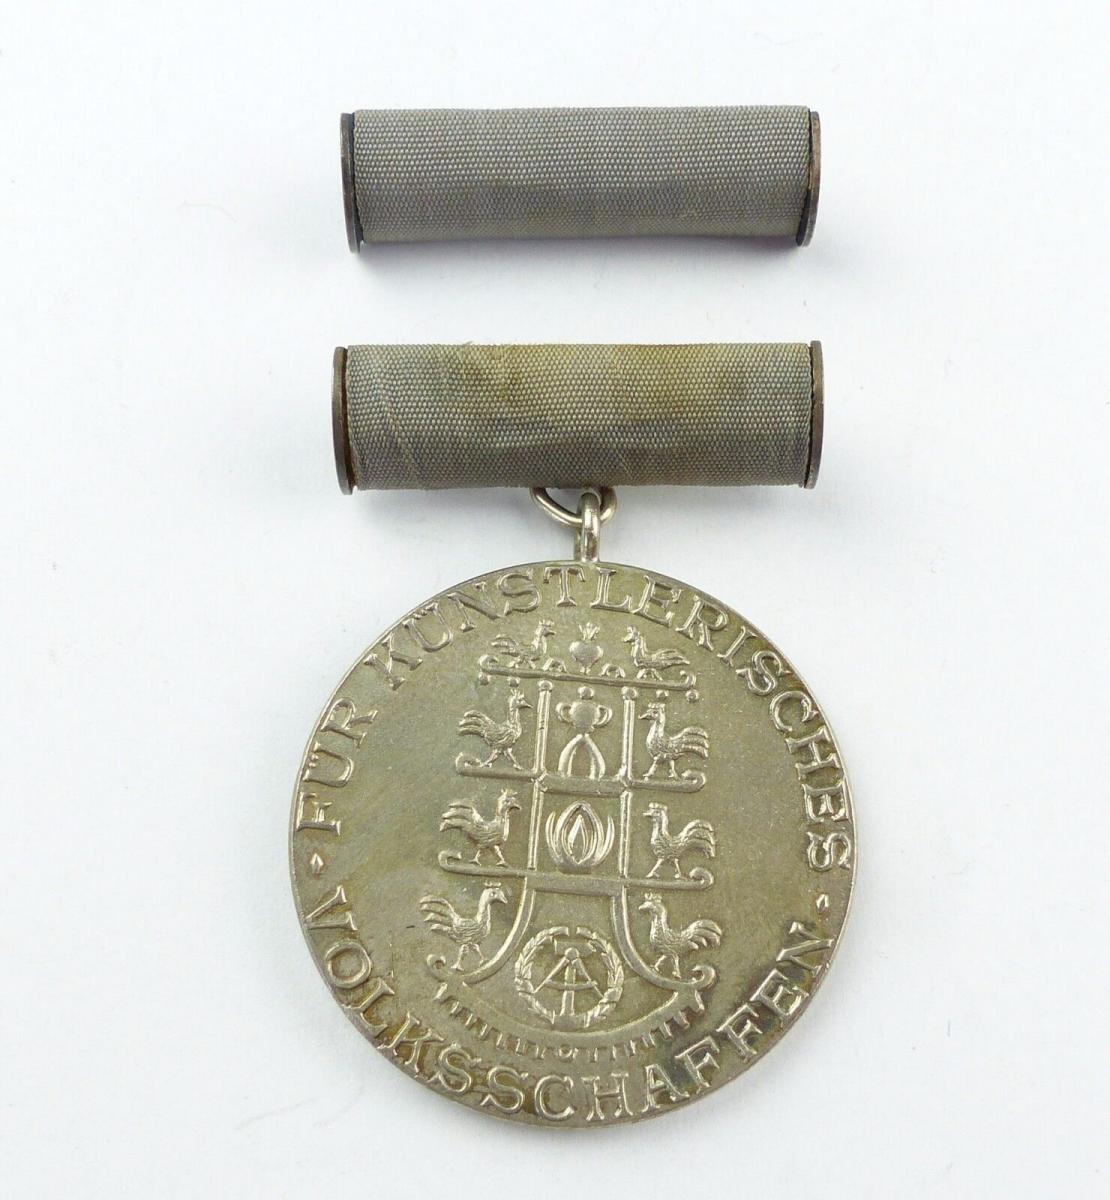 #e7773 Preis für künstlerisches Volksschaffen vgl. Nr. 30 b 1. Klasse ab 1971